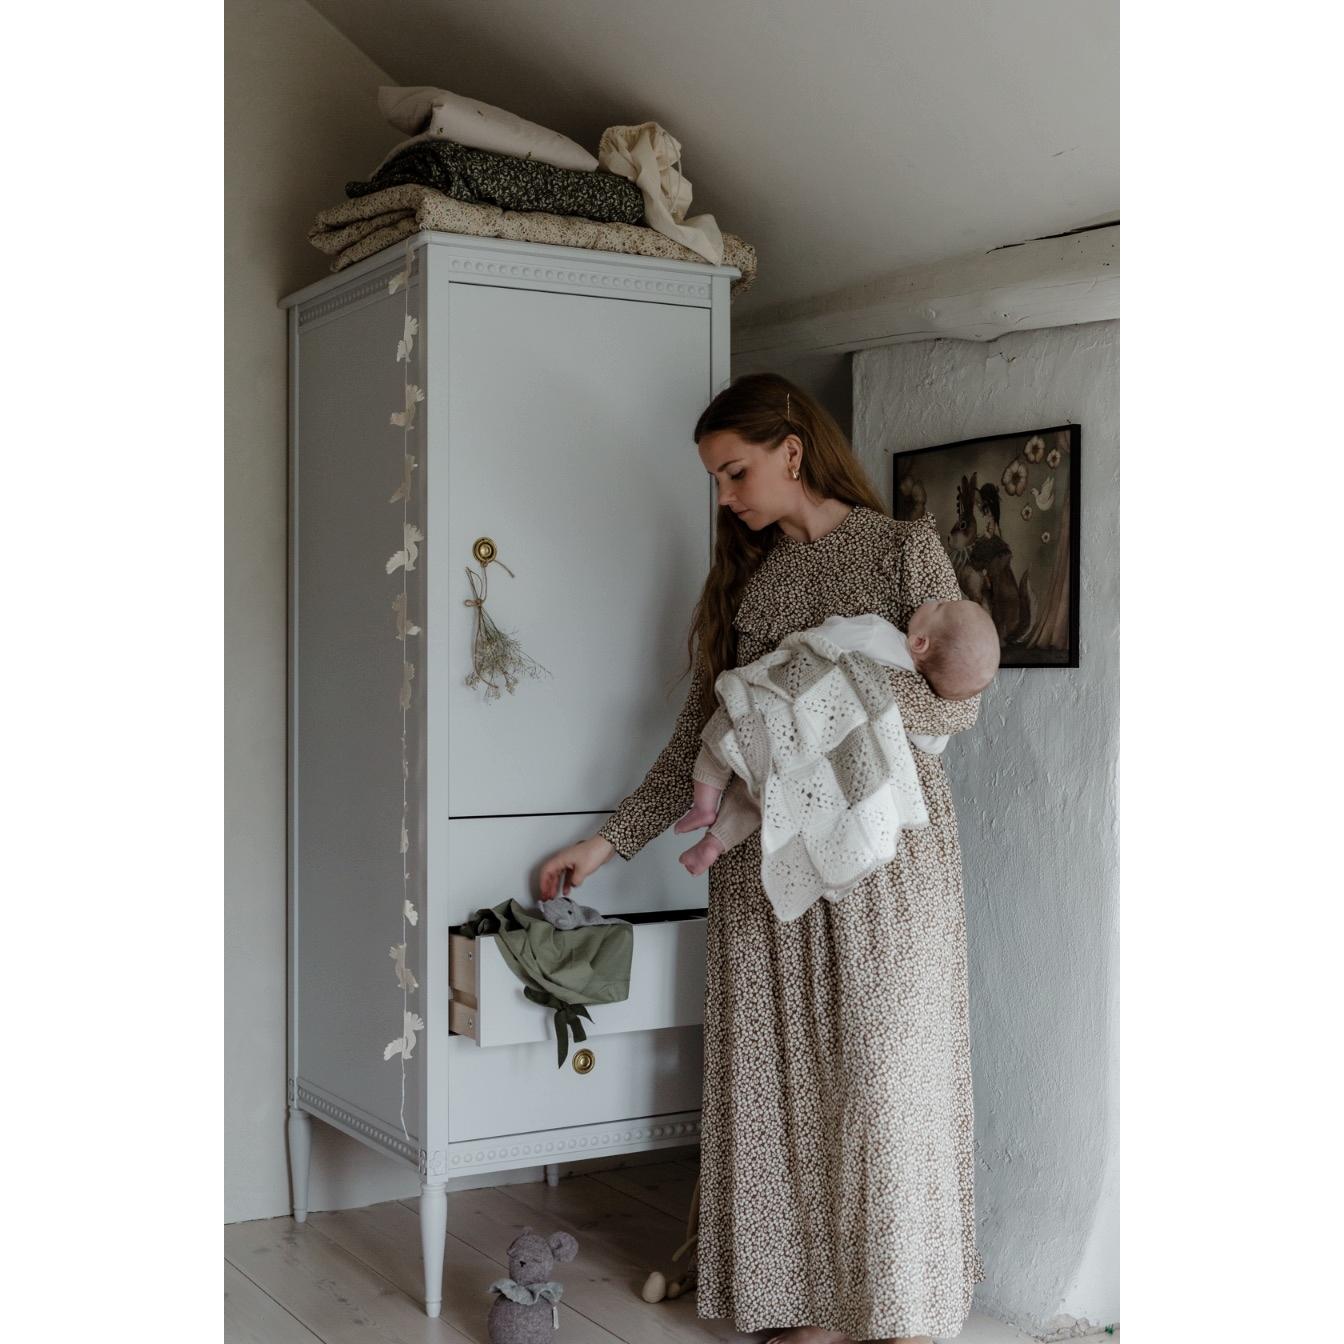 Garderob gustaviansk stil Gustavienne